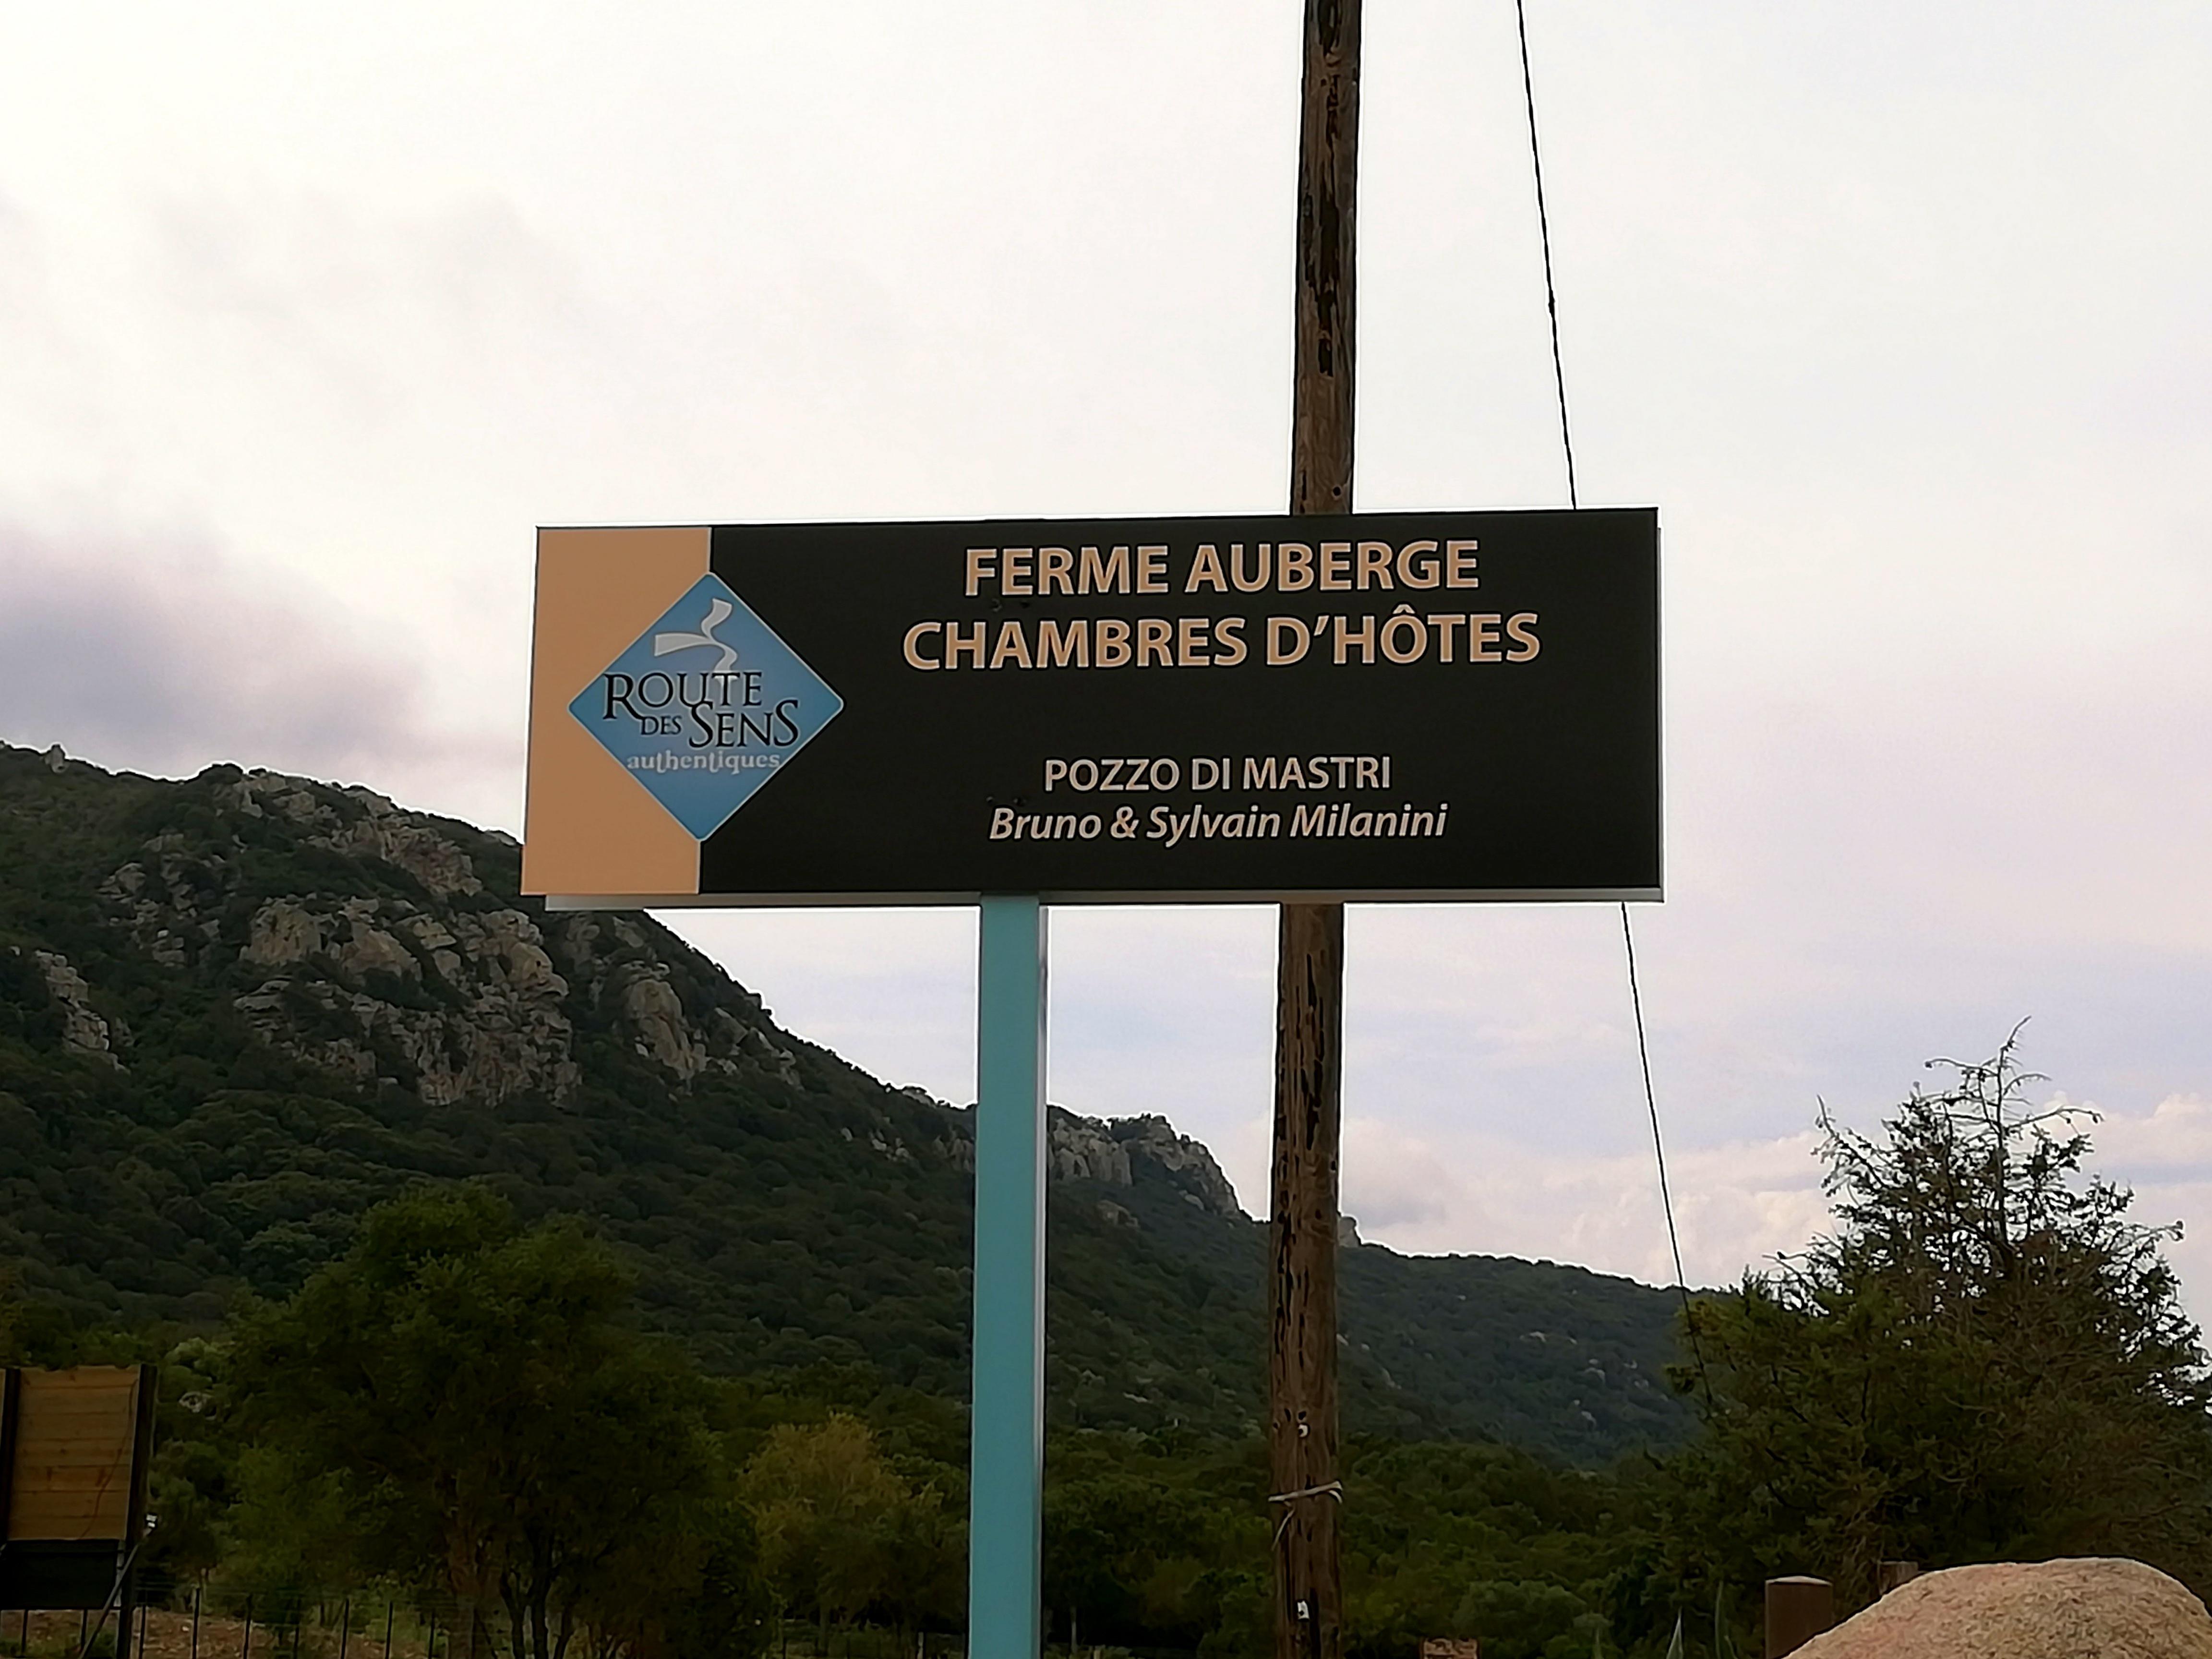 Ferme auberge Route des sens Corse